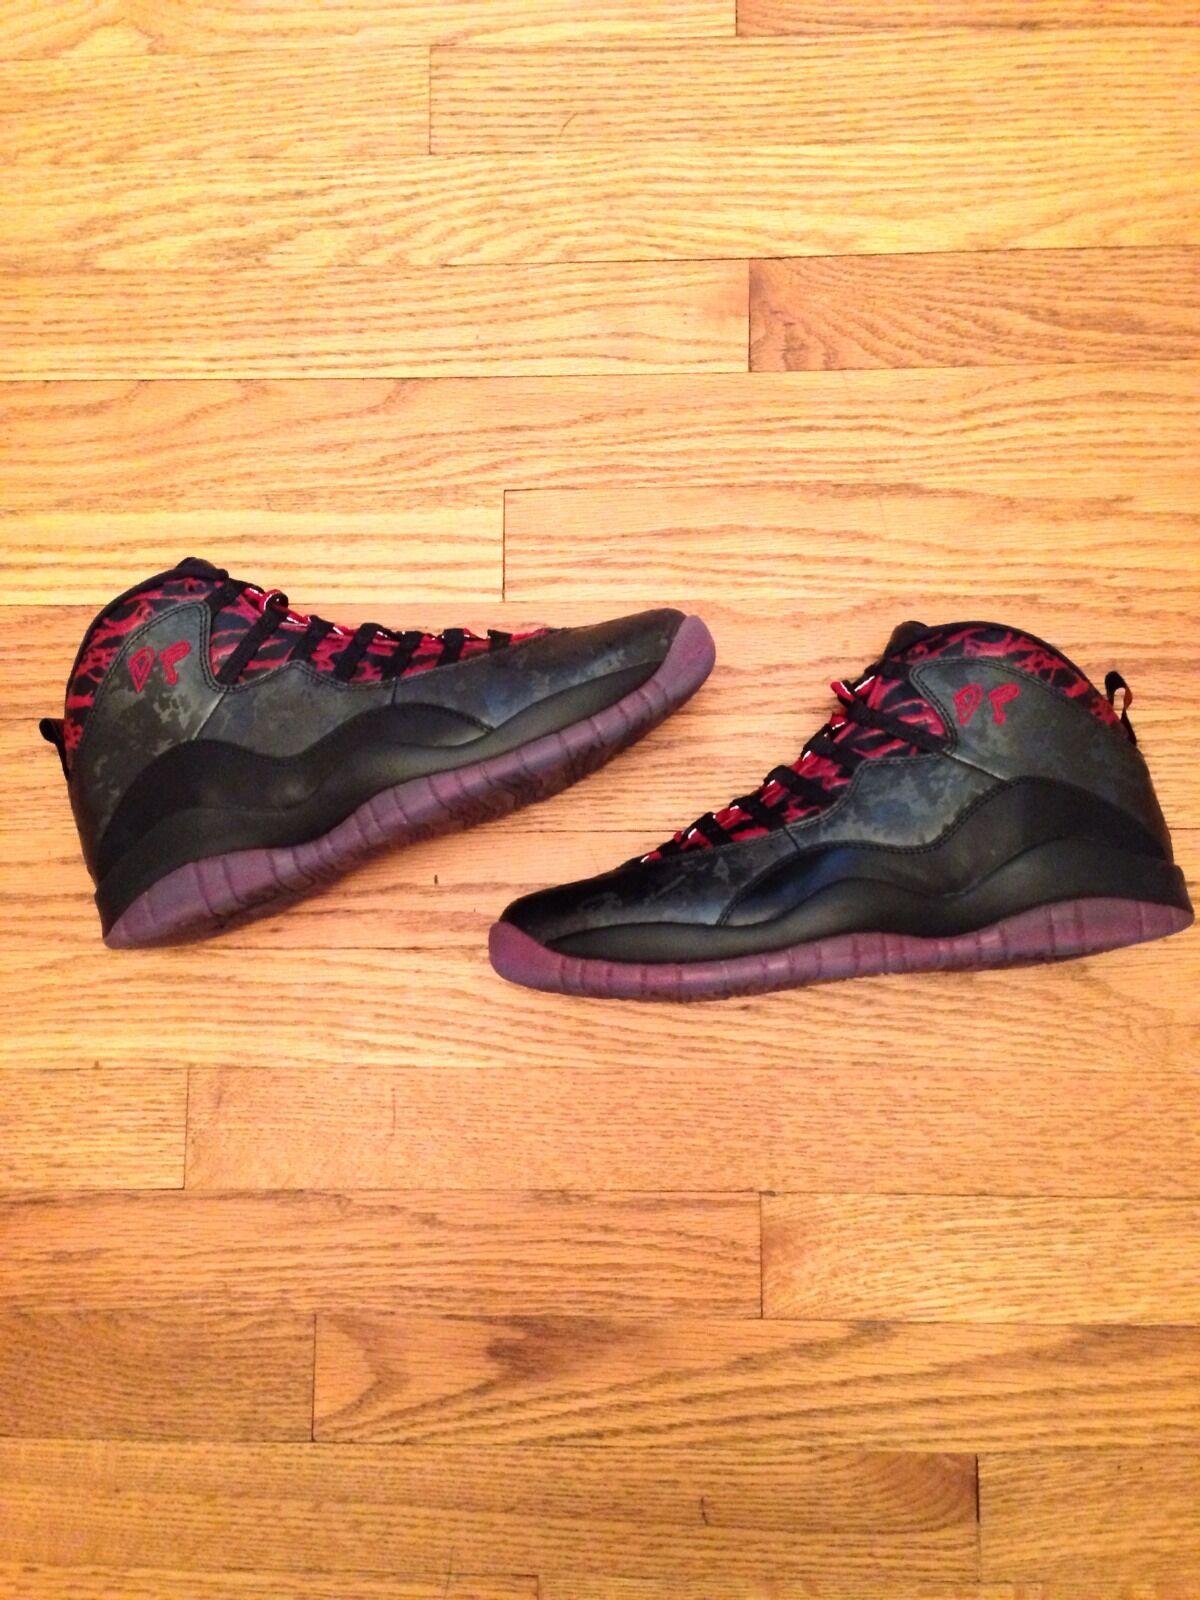 Air Jordan Doernbecher Retro X 10 Supreme Yeezy Nike